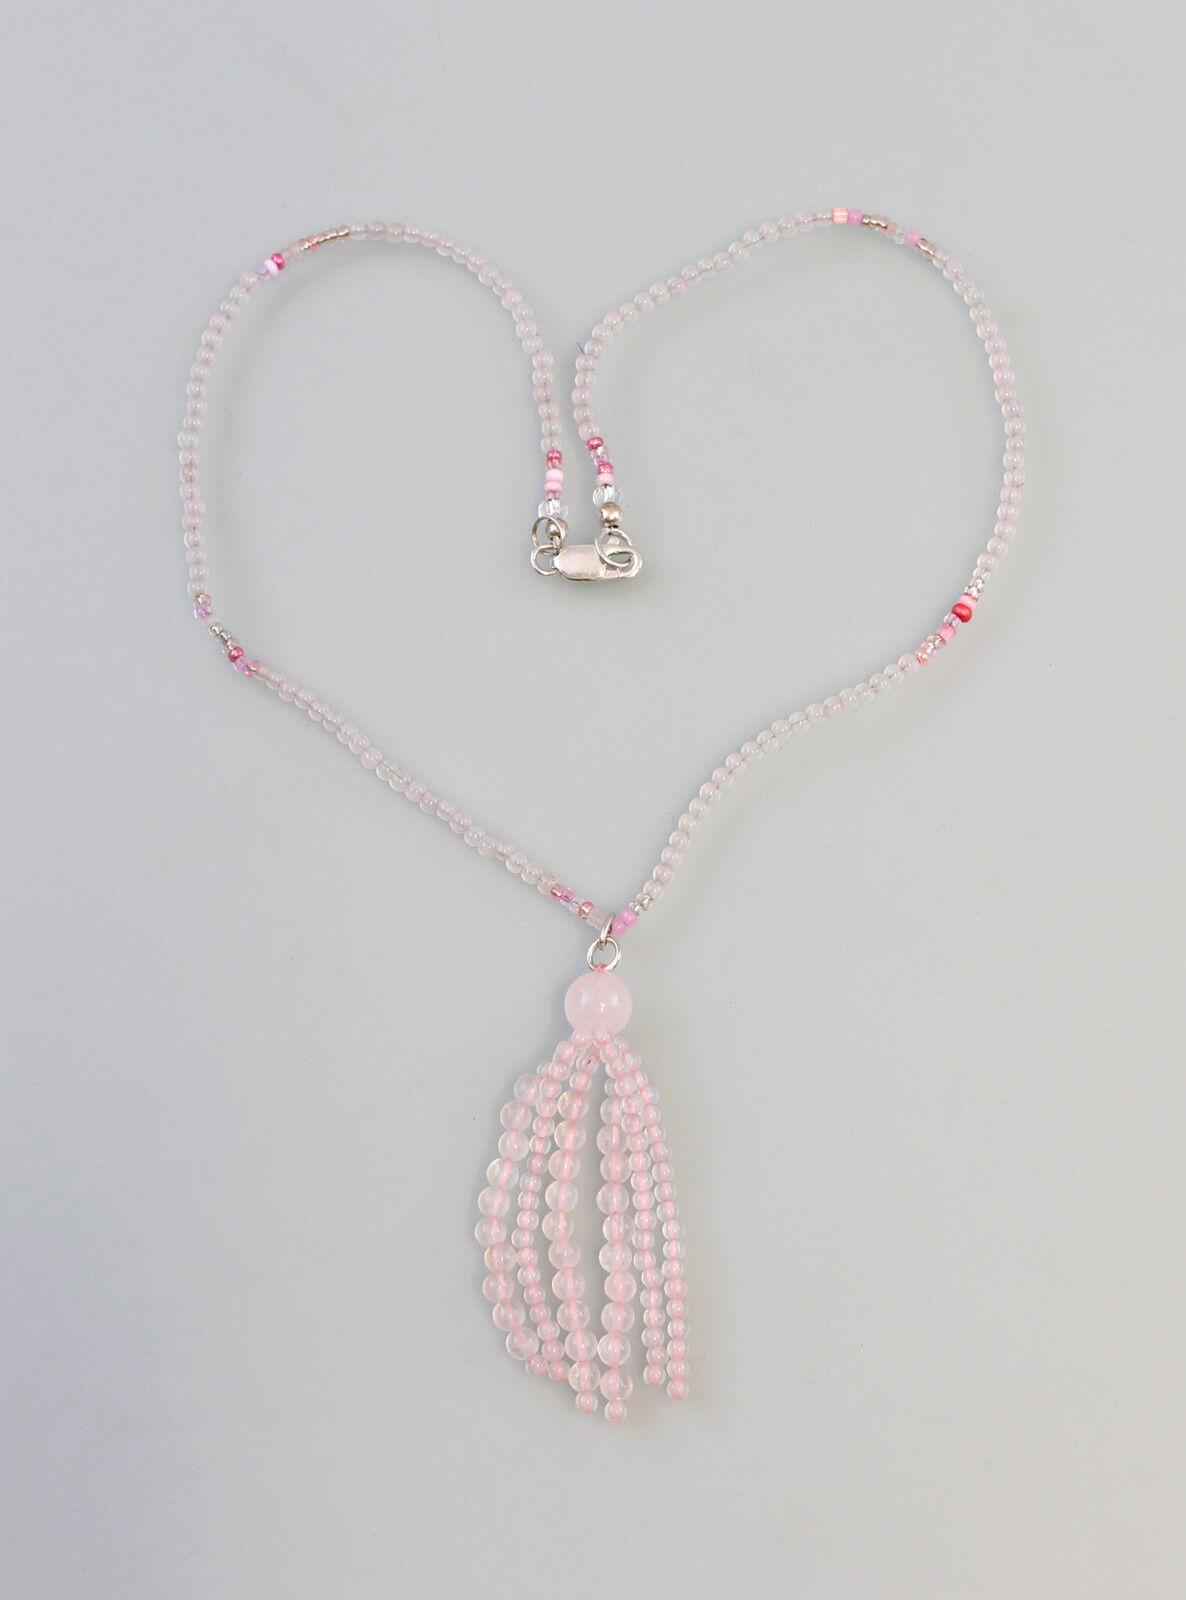 9907354 925er silver Kette mit facettierten pinknquarz L47cm